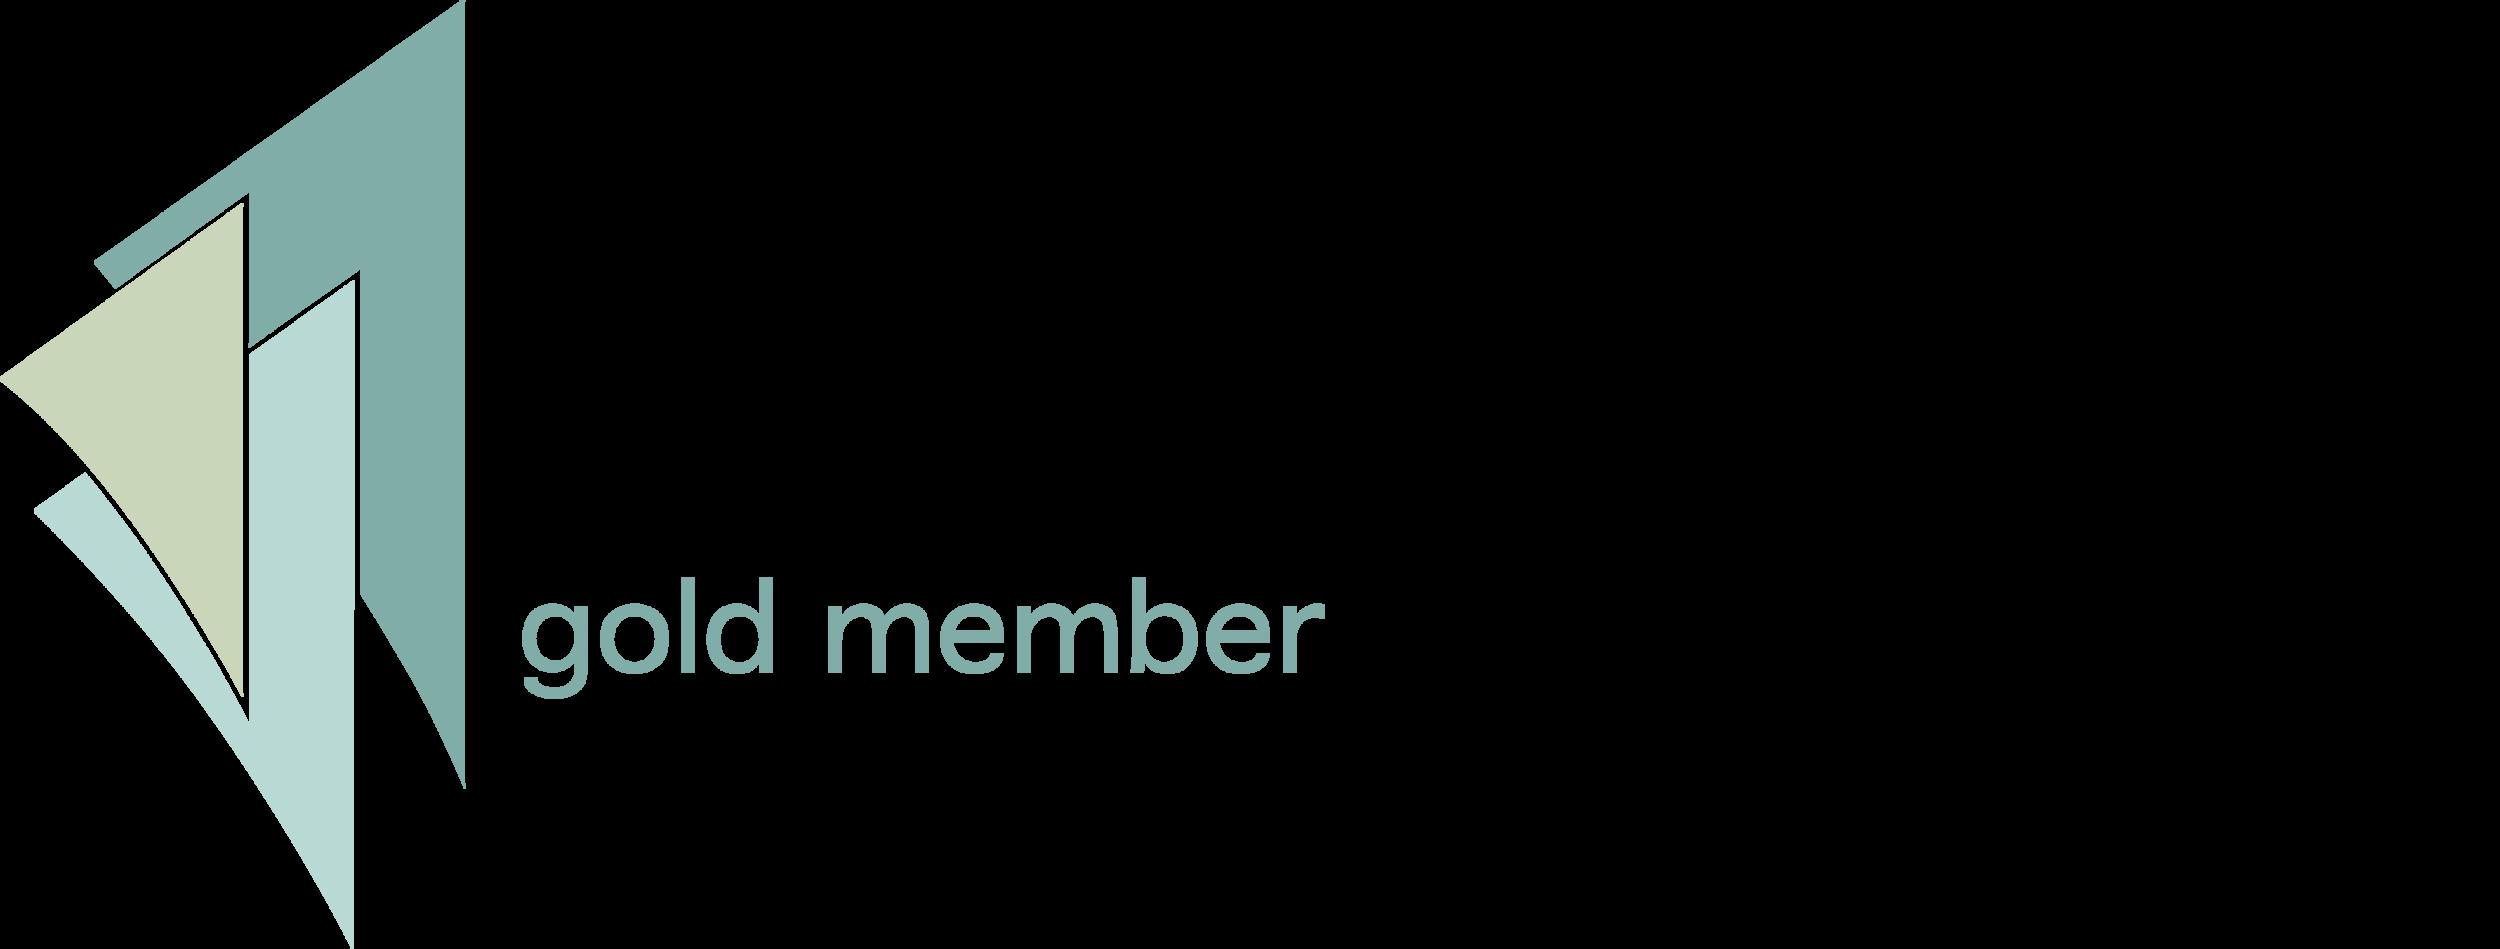 Gold_Members-Gold_Member.png